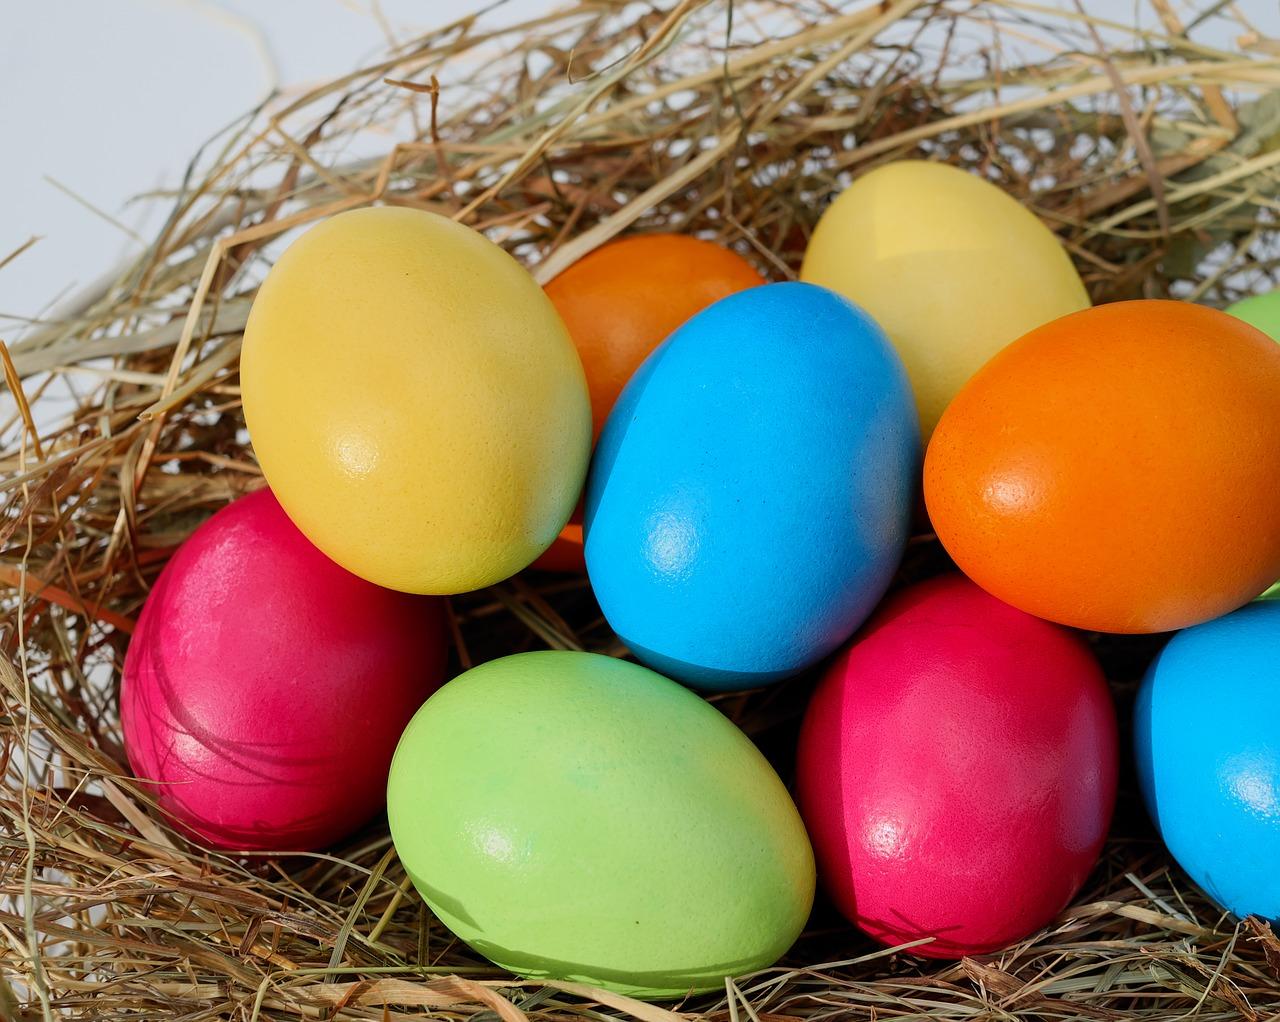 CANCELED: Easter egg decoration and hunt